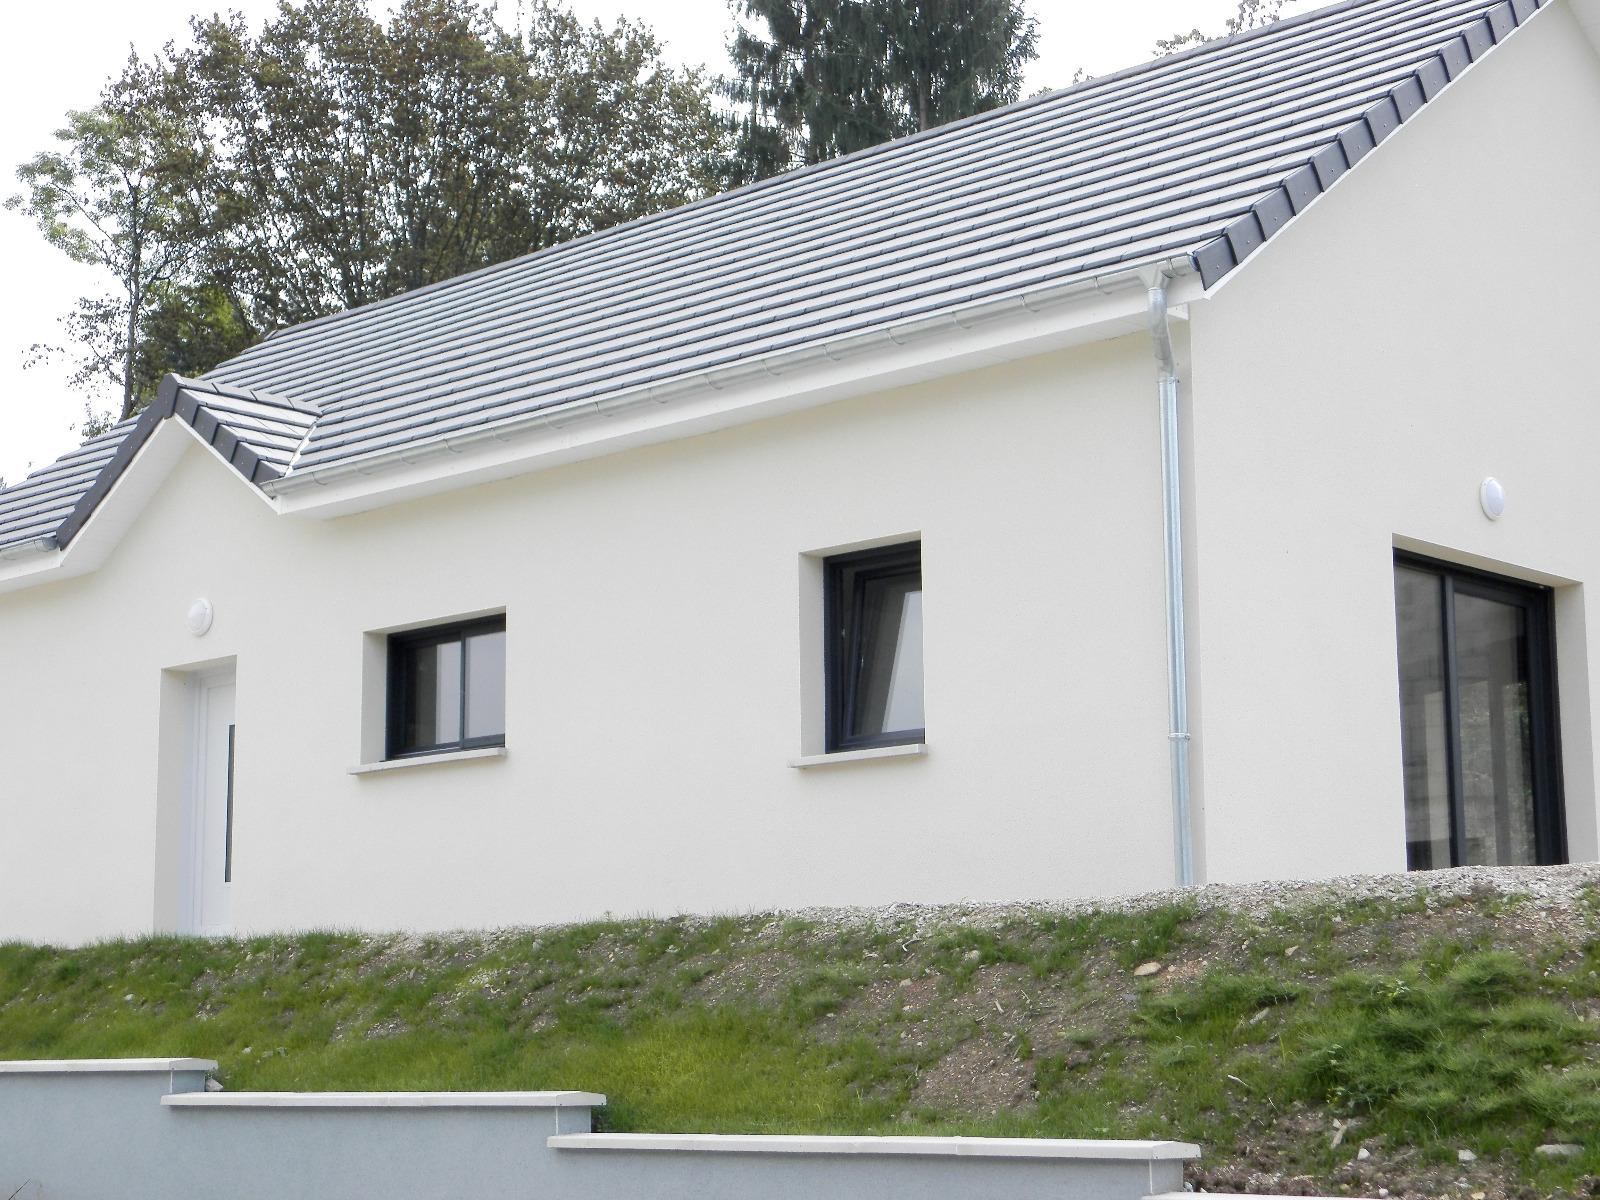 Vente lons le saunier 39 maison plain pied 2016 de 113 m sur terrain 536 m 3d immobilier - Frais de notaire achat garage ...